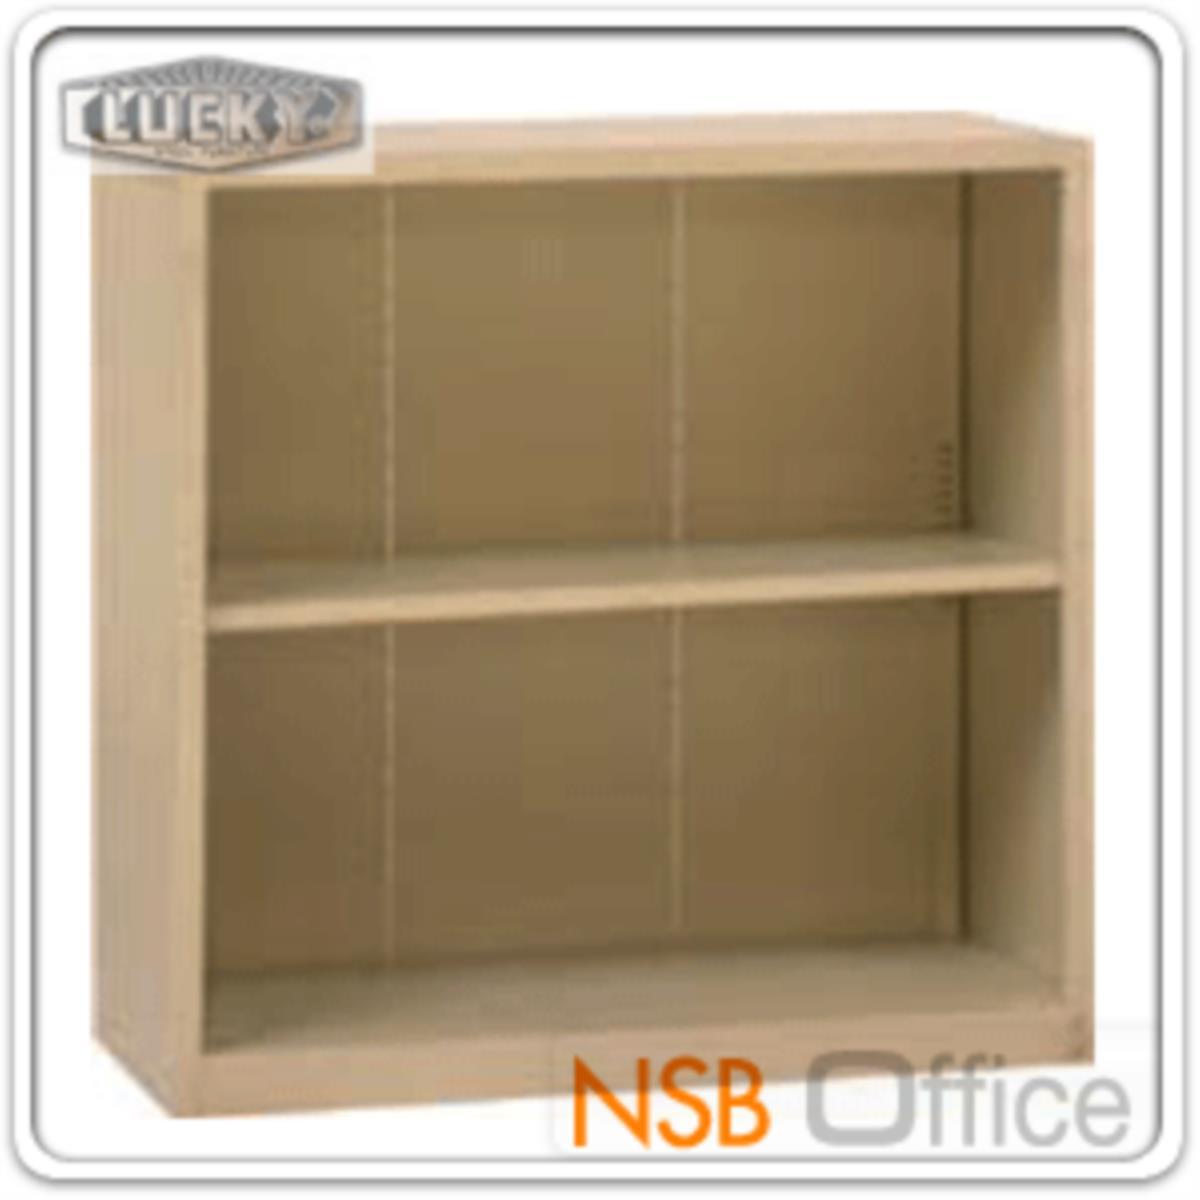 ตู้วางหนังสือ 2 ช่องโล่ง 76.2W*32D*76.2H cm. รุ่น LUCKY-SB-3030